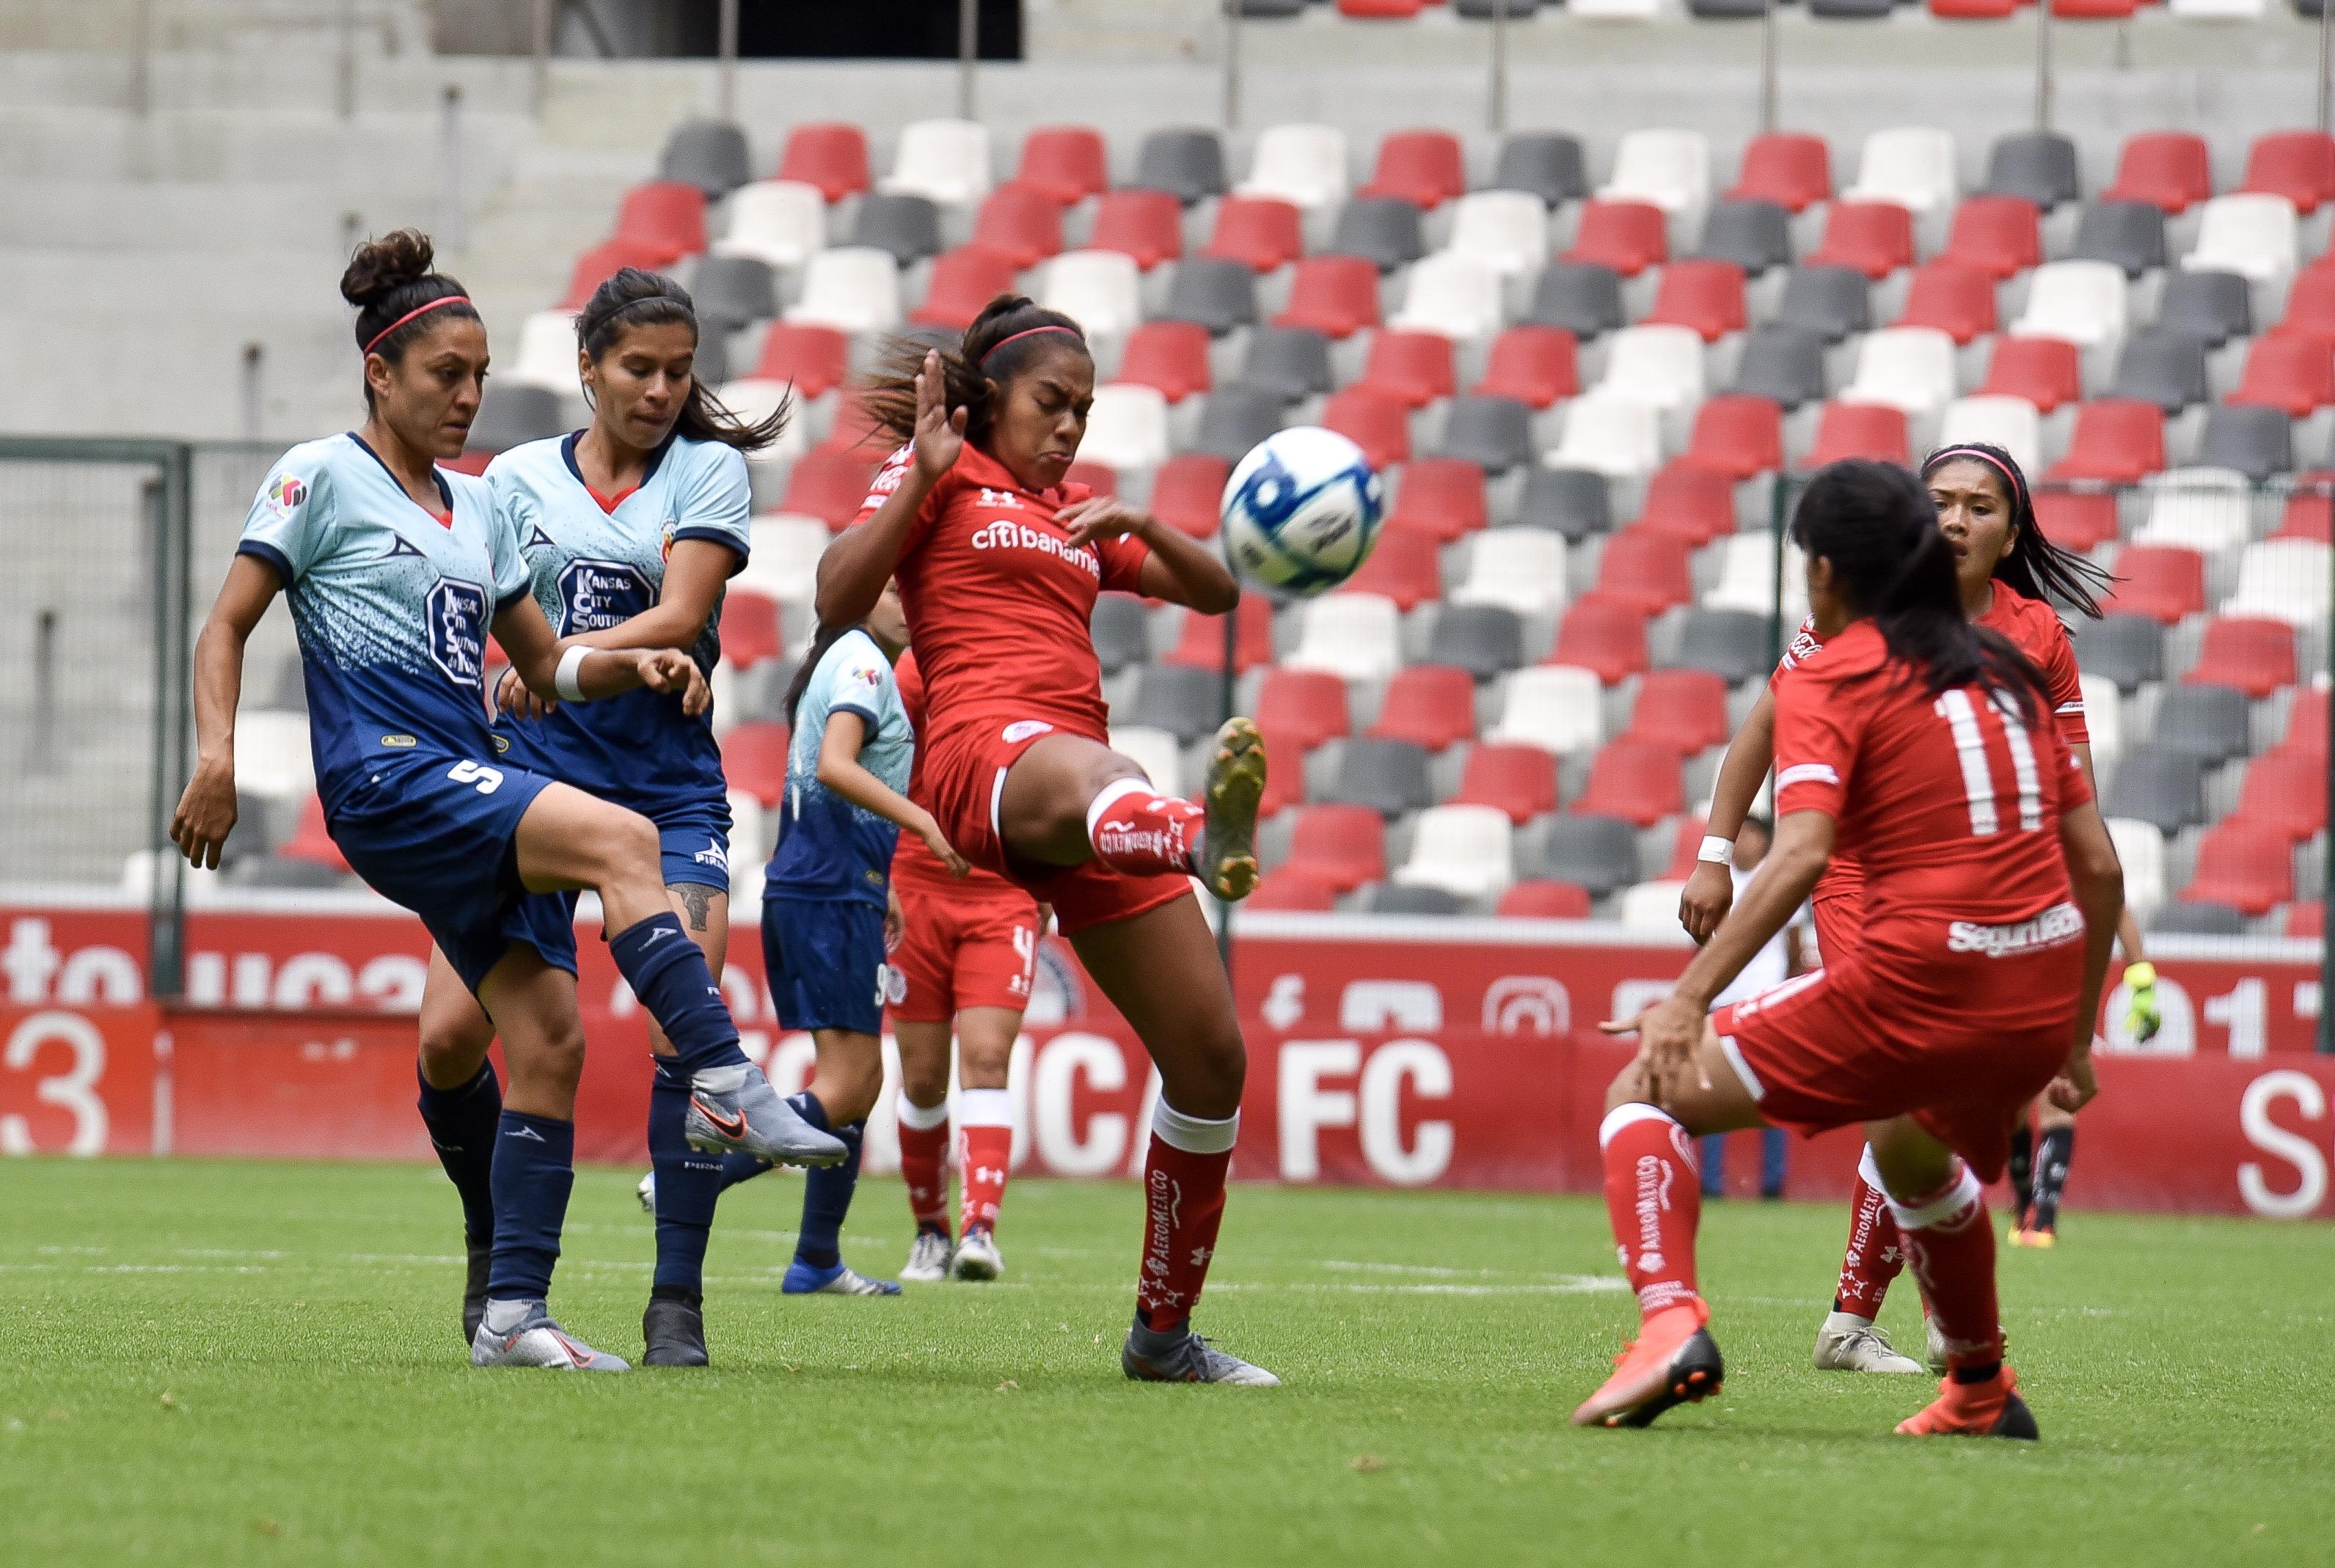 Toluca, Estado de México, 22 de julio 2019, las Diablitas del Toluca lograron imponerse ante la escuadra de Monarcas de Morelia de la liga Femenil MX con un marcador final 4-2 (Foto: Cuartoscuro)